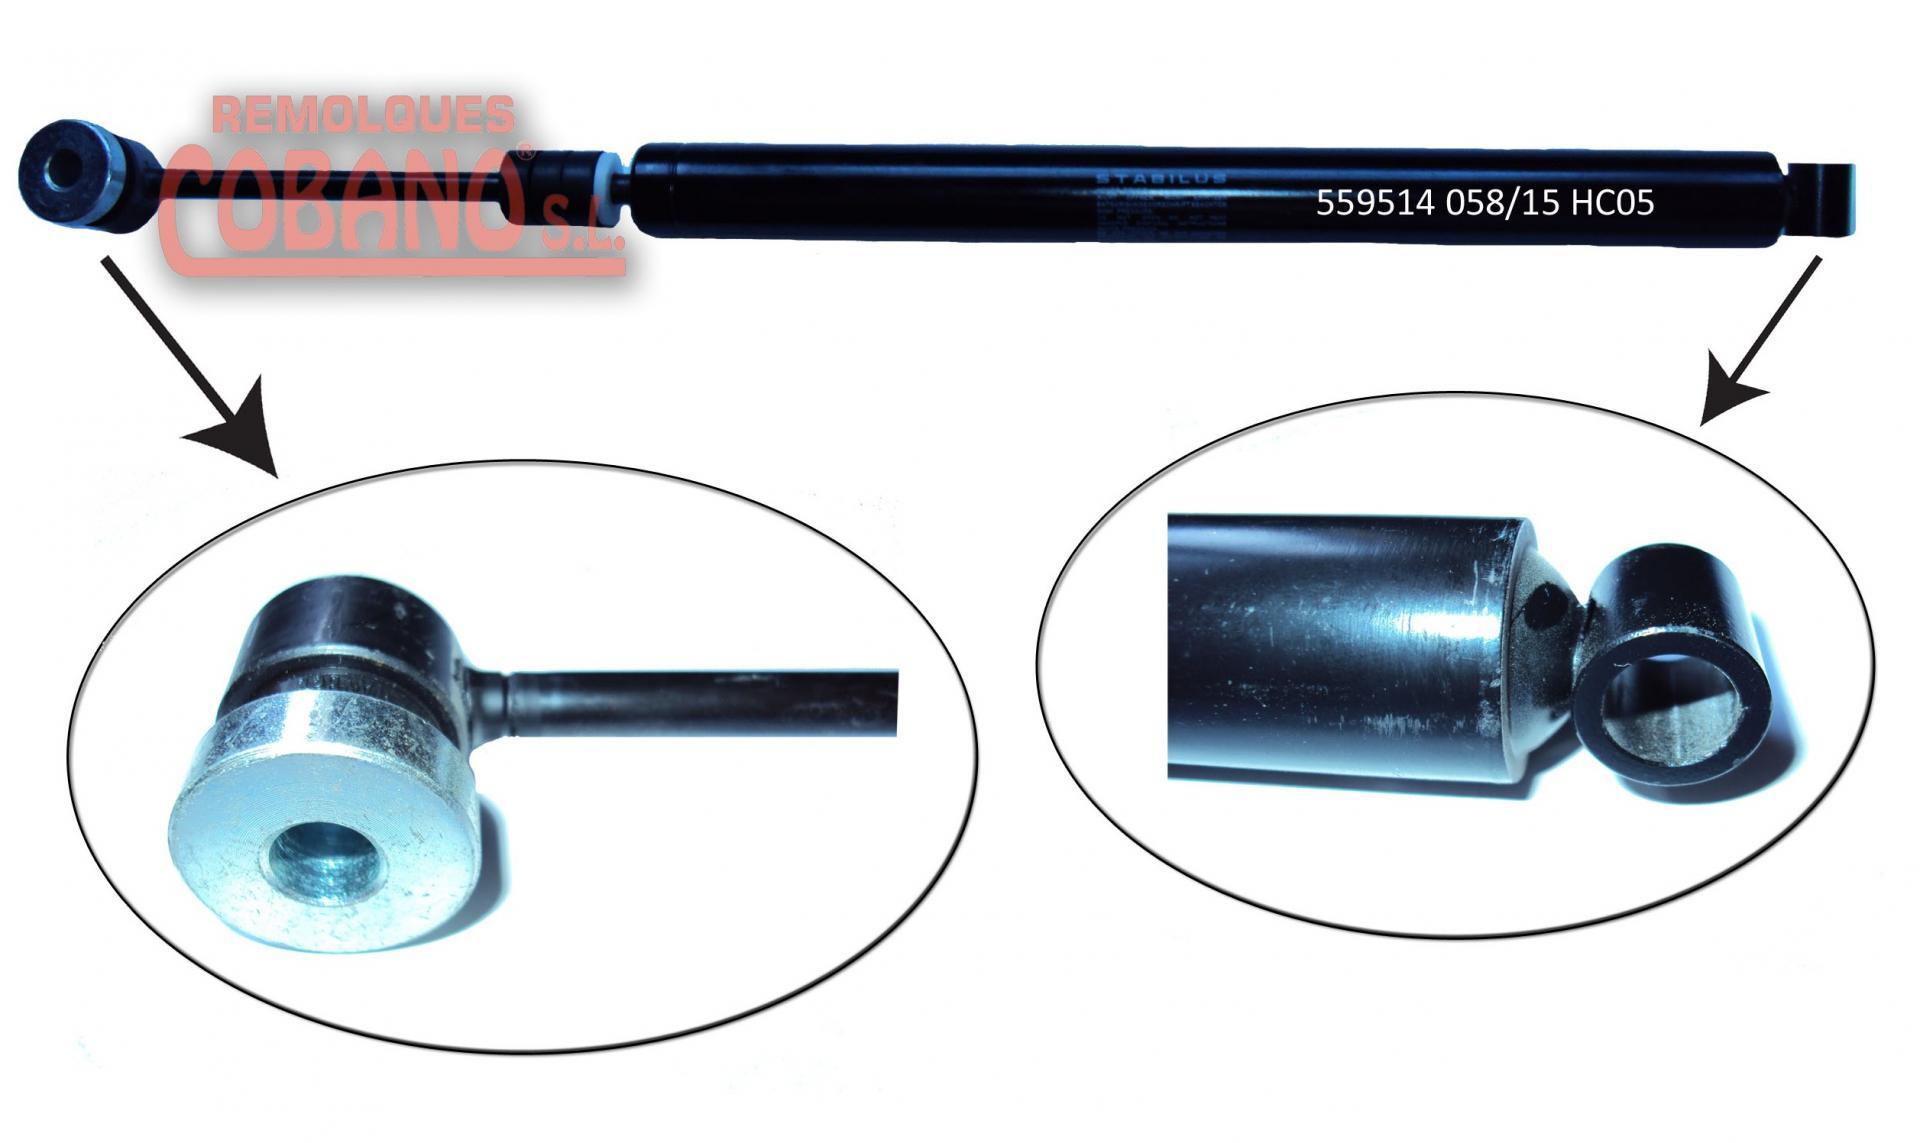 AMORTIGUADOR STABILUS (AXF) 900 / 1300 KG